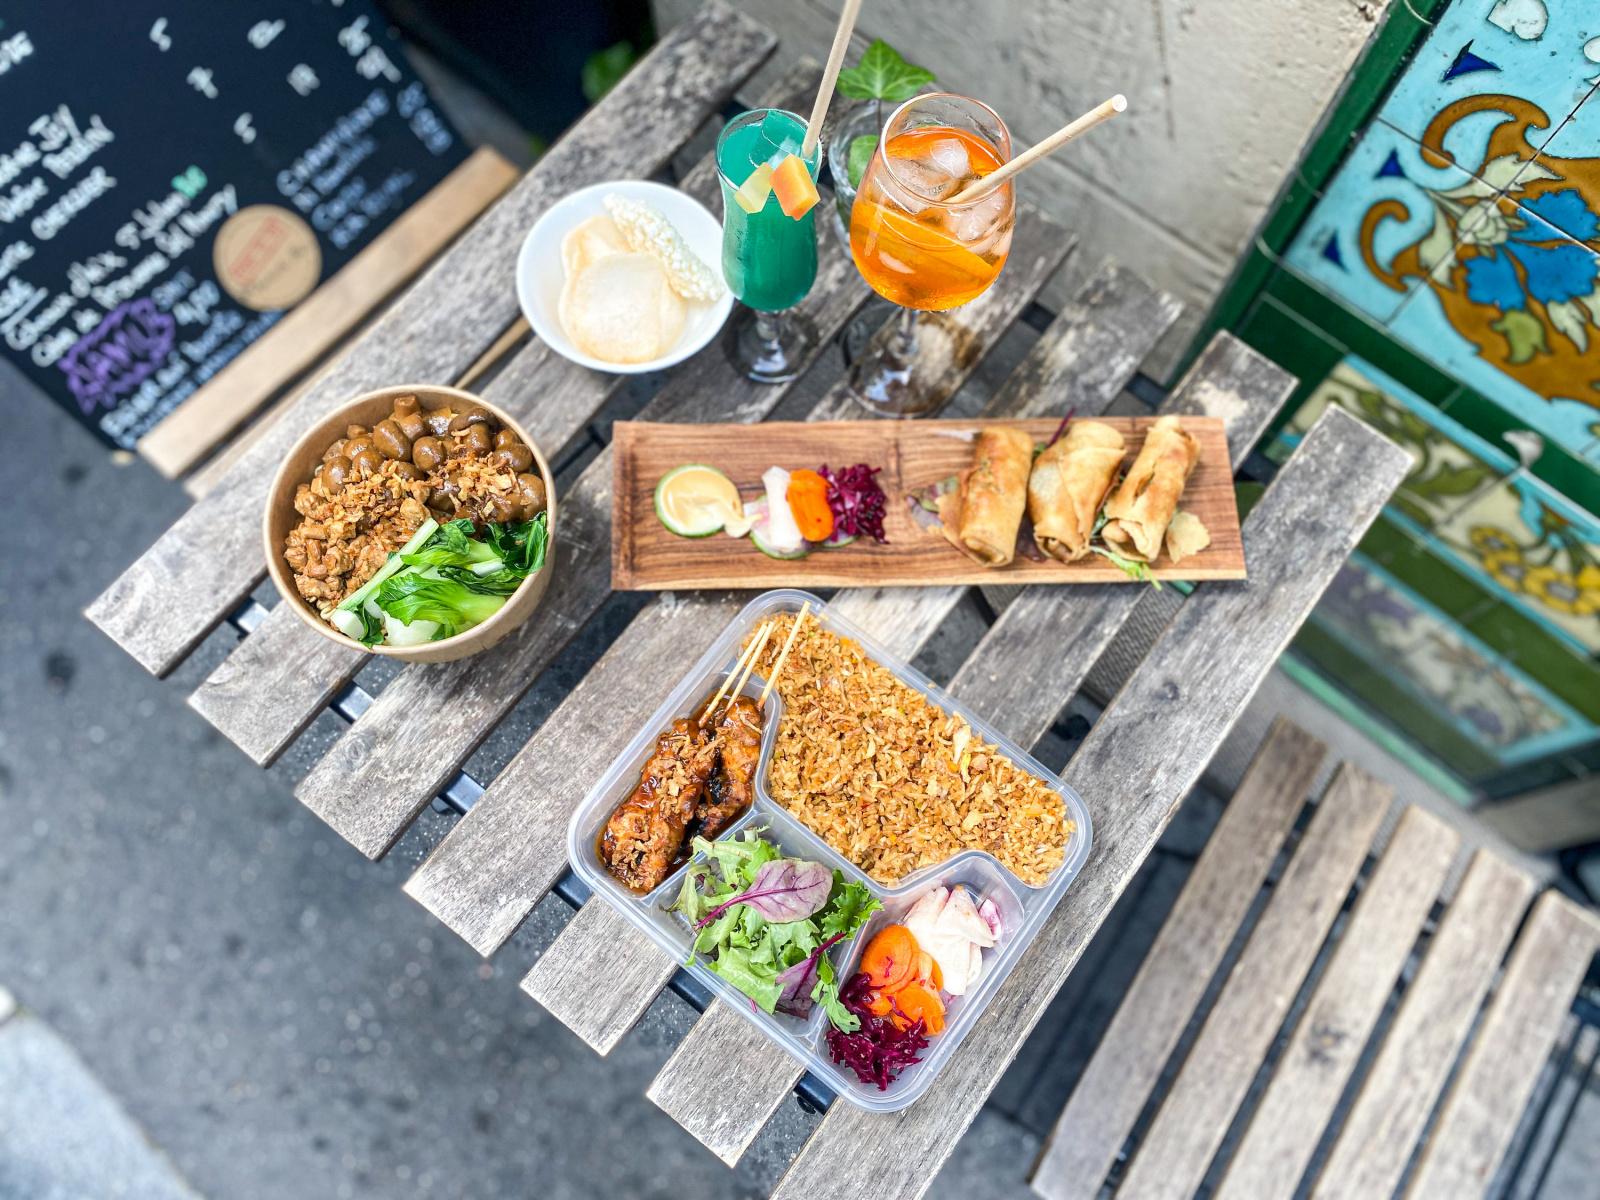 Le top des restaurants en livraison à Paris - Sortiraparis.com